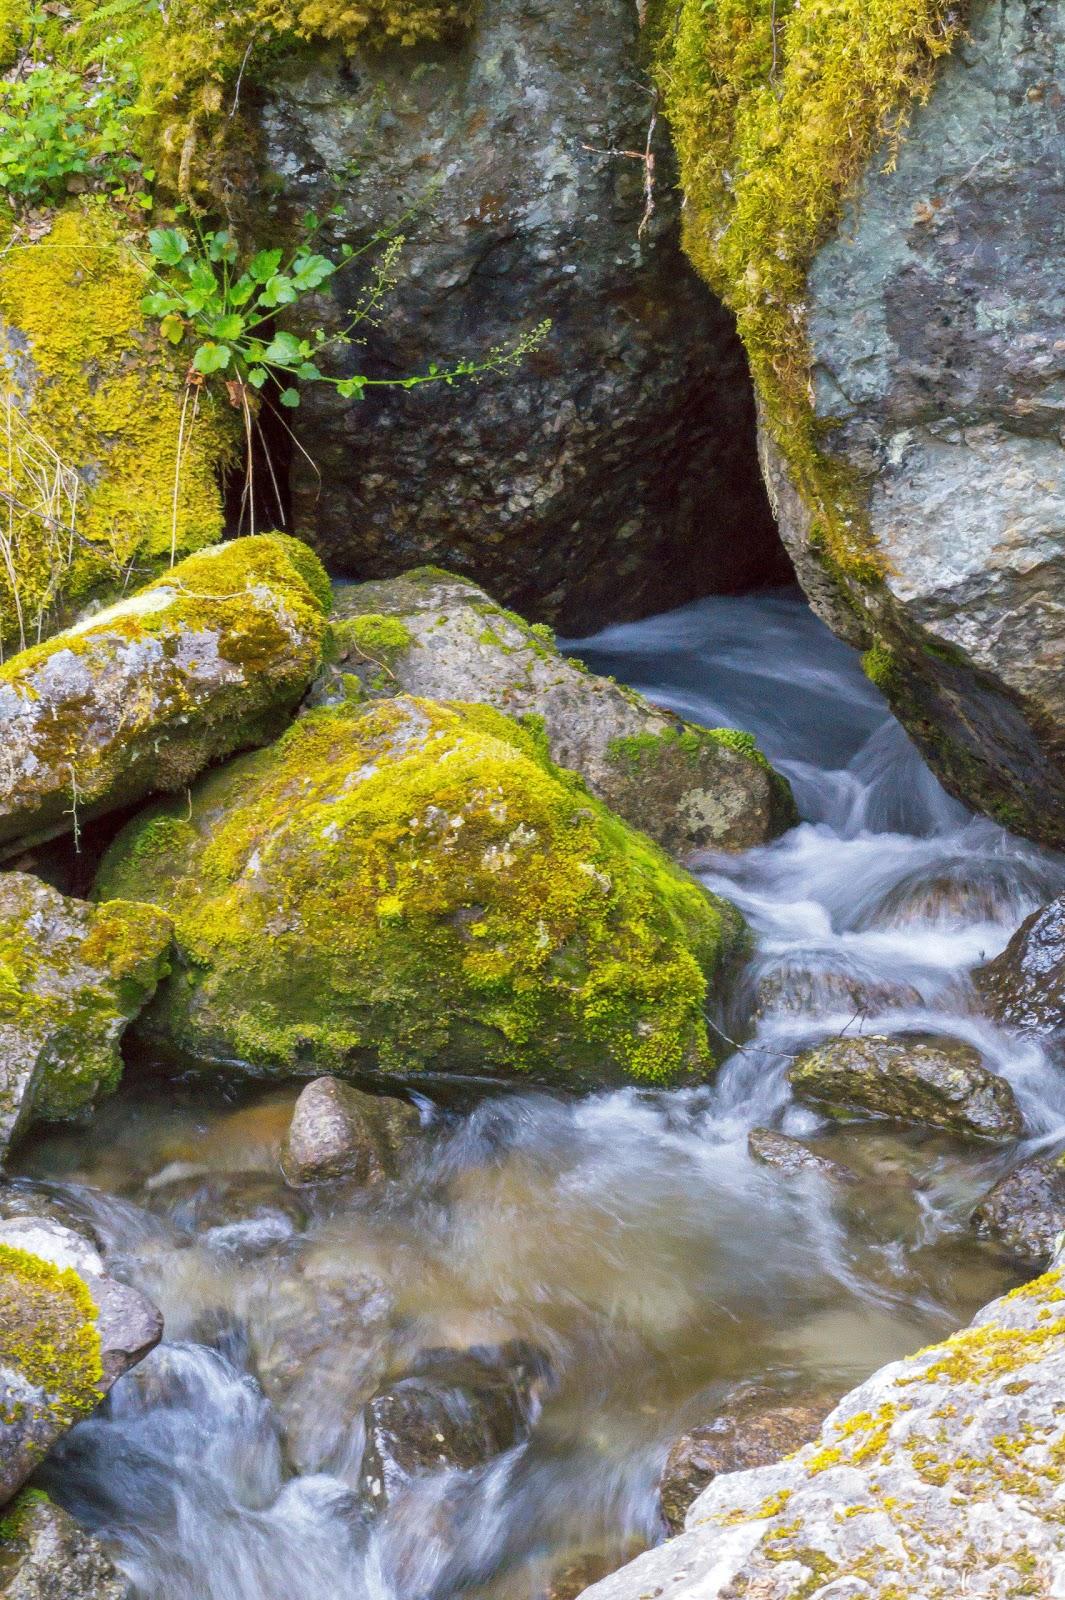 Журчит себе между камней, проделывая себе путь вниз.